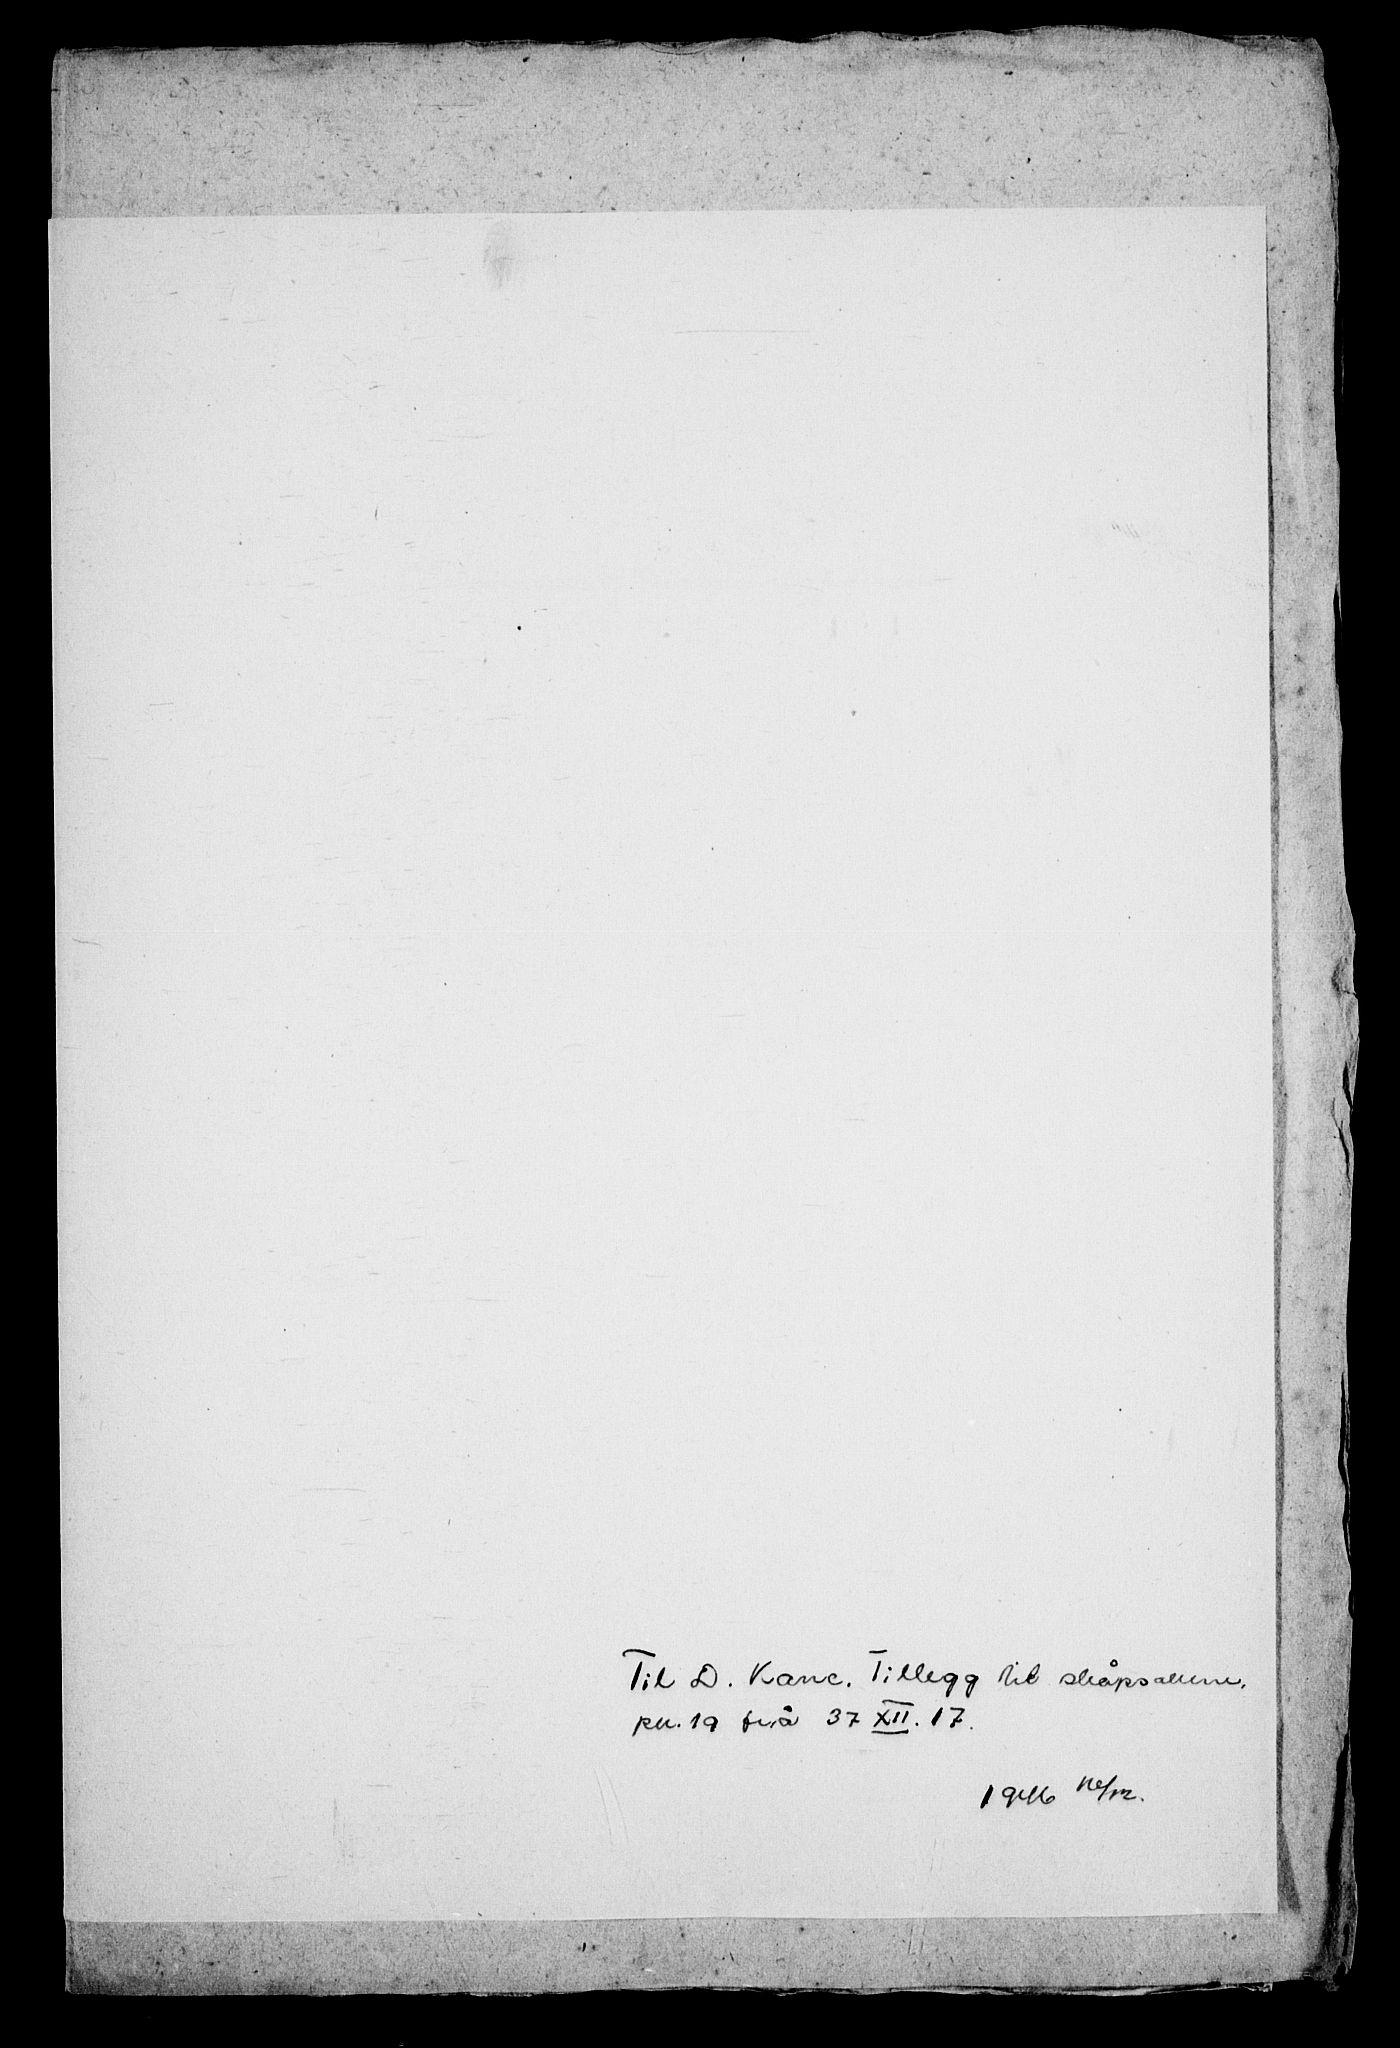 RA, Danske Kanselli, Skapsaker, G/L0019: Tillegg til skapsakene, 1616-1753, s. 141